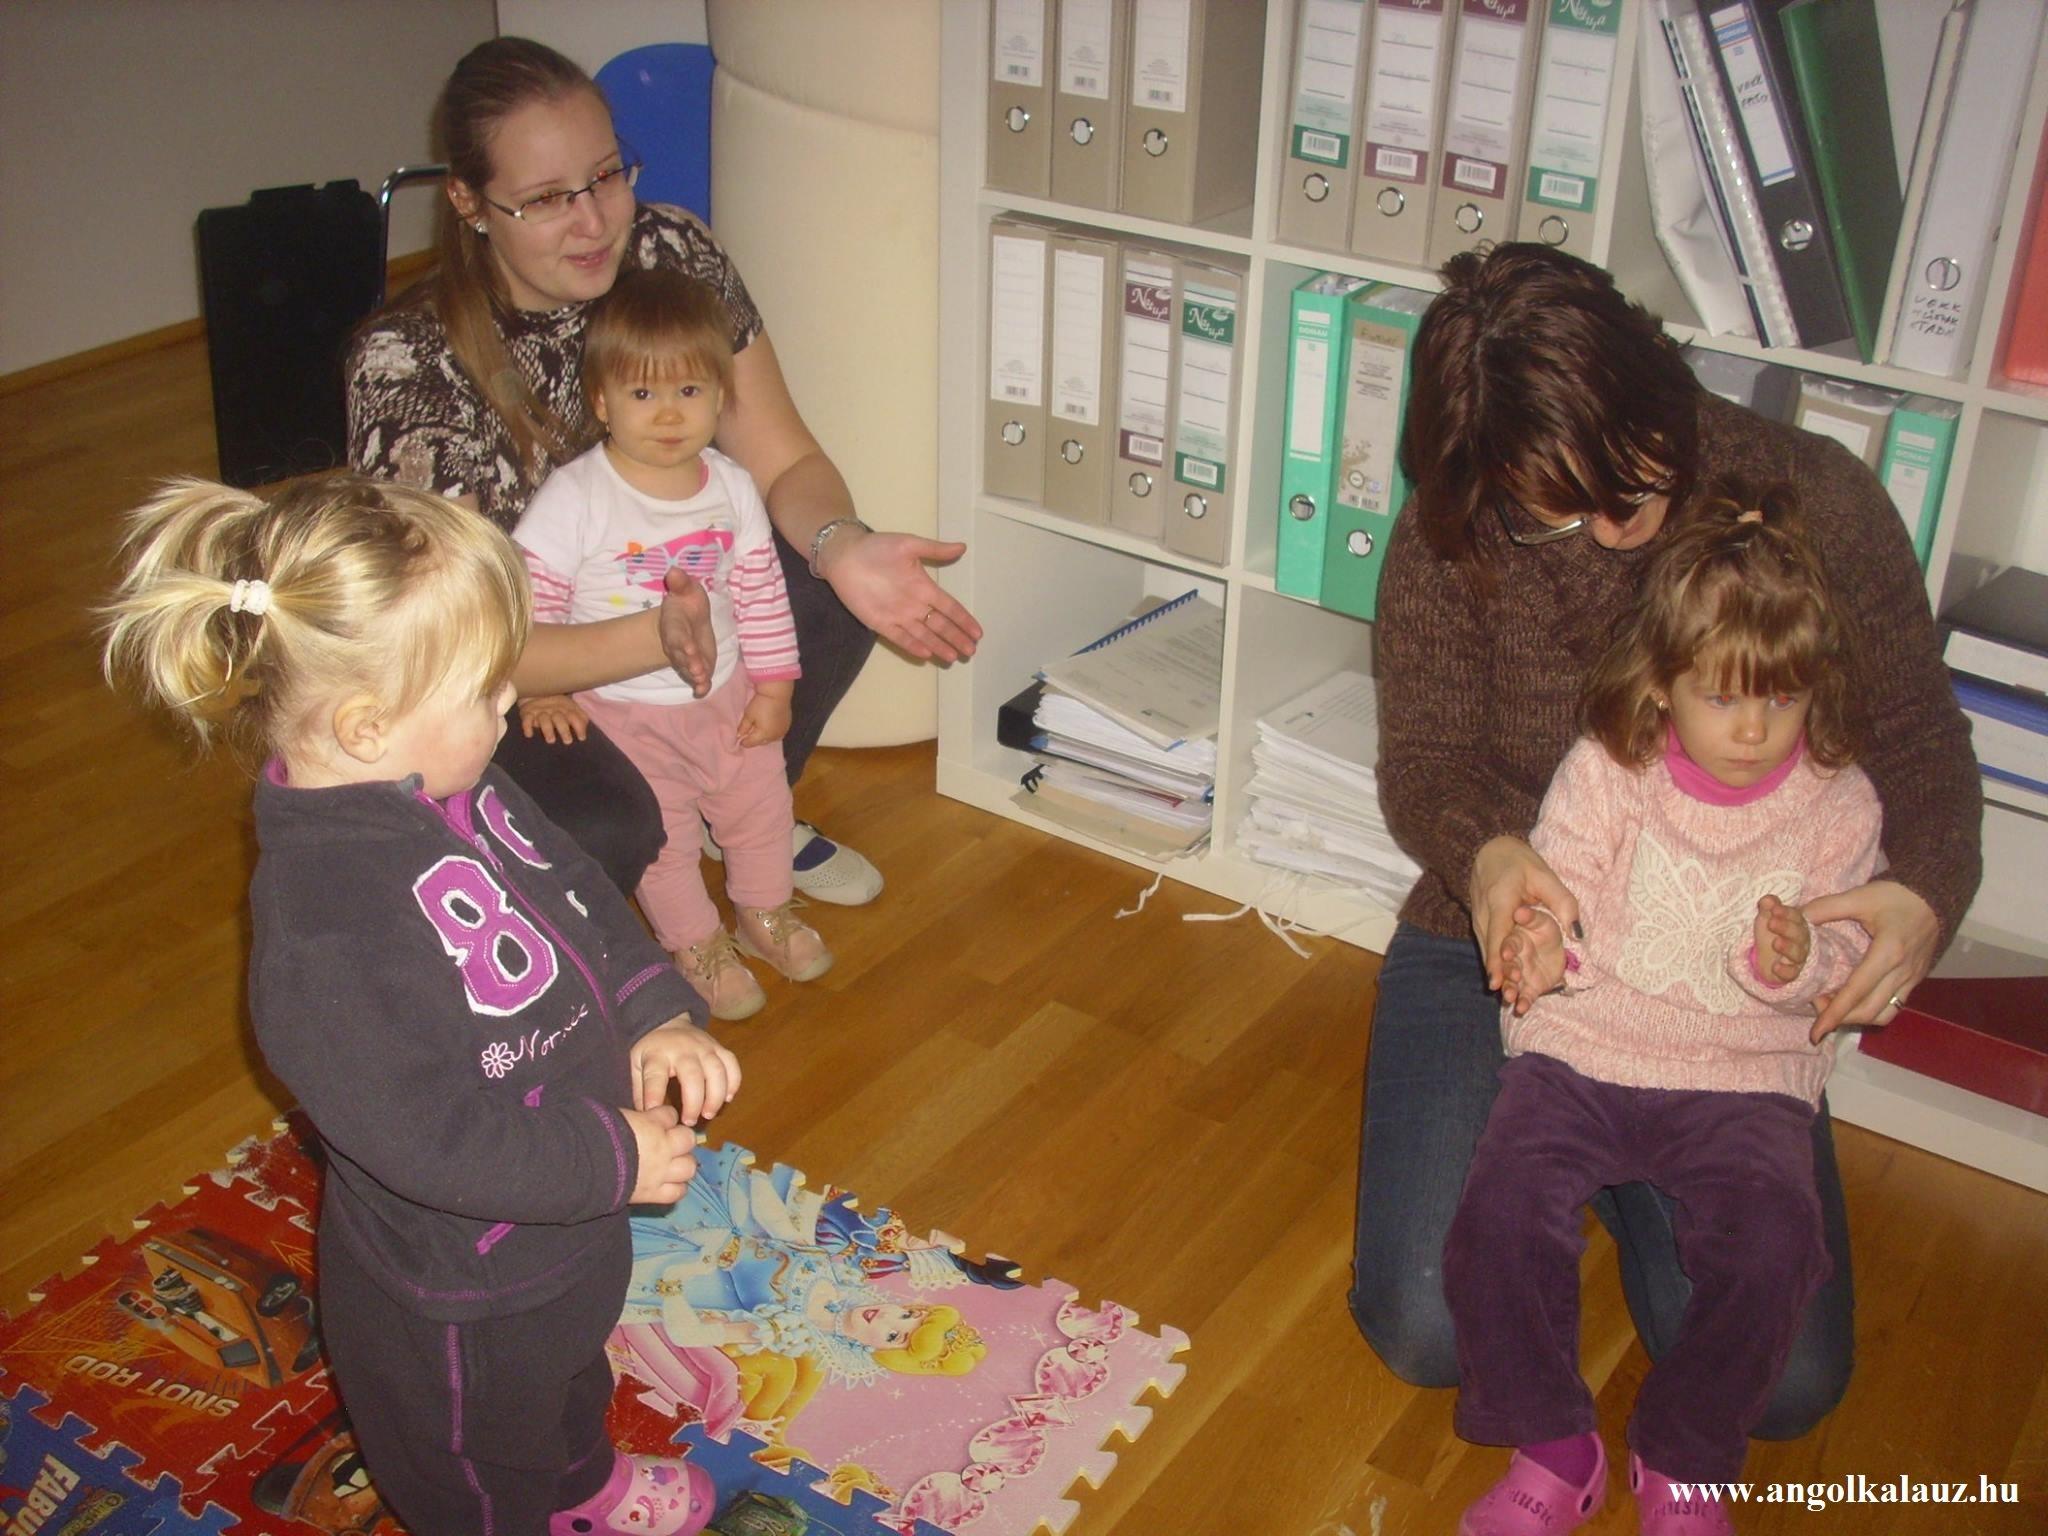 Babaangol – Hogyan tanulnak nyelvet a gyerekek?